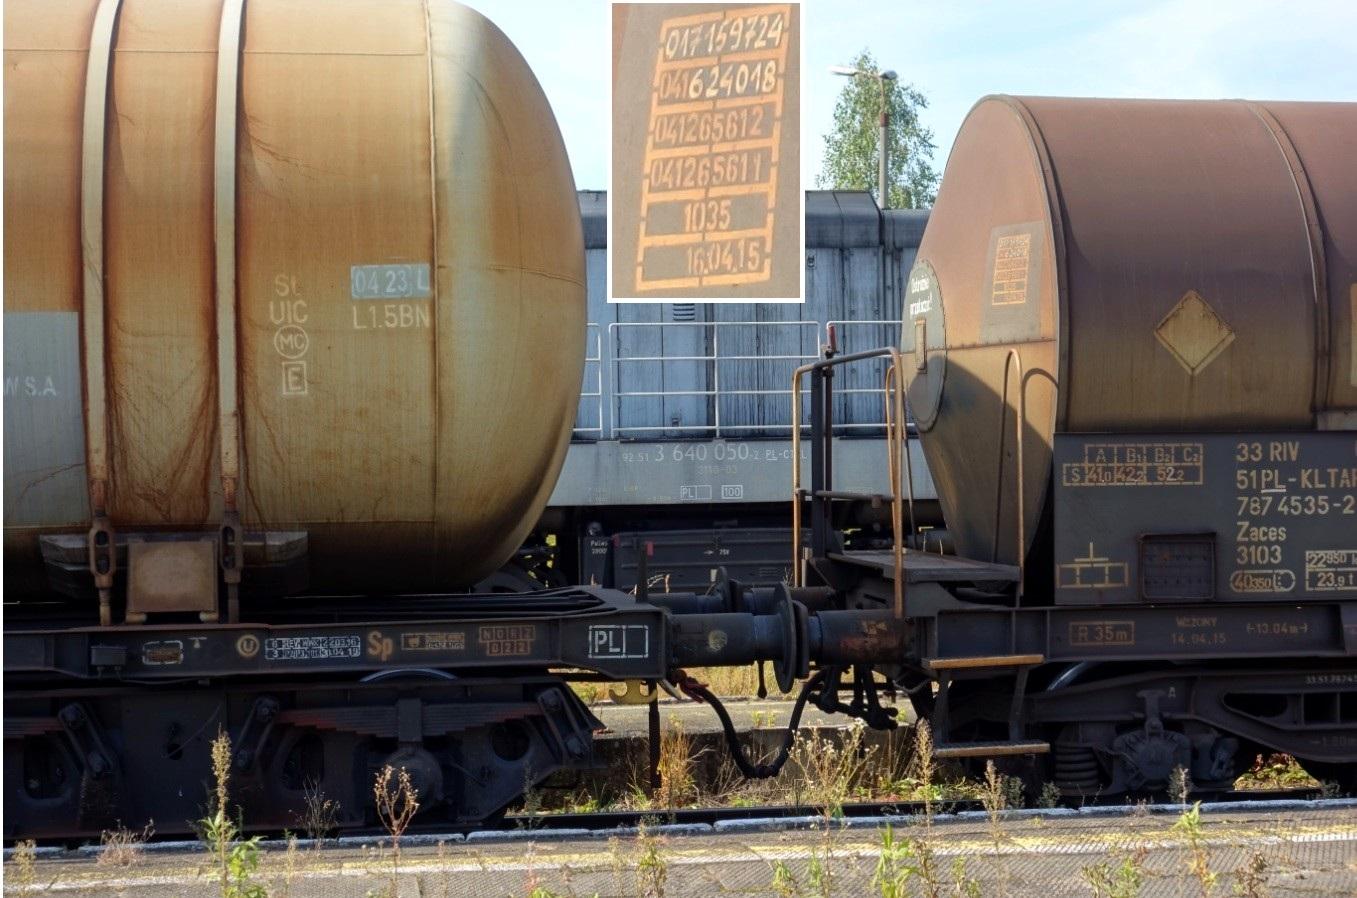 44. Stacja Dobre Miasto. Cysterna do przewozu RSM typu 435Ral KOLTAR Grupa Azoty (3).jpg